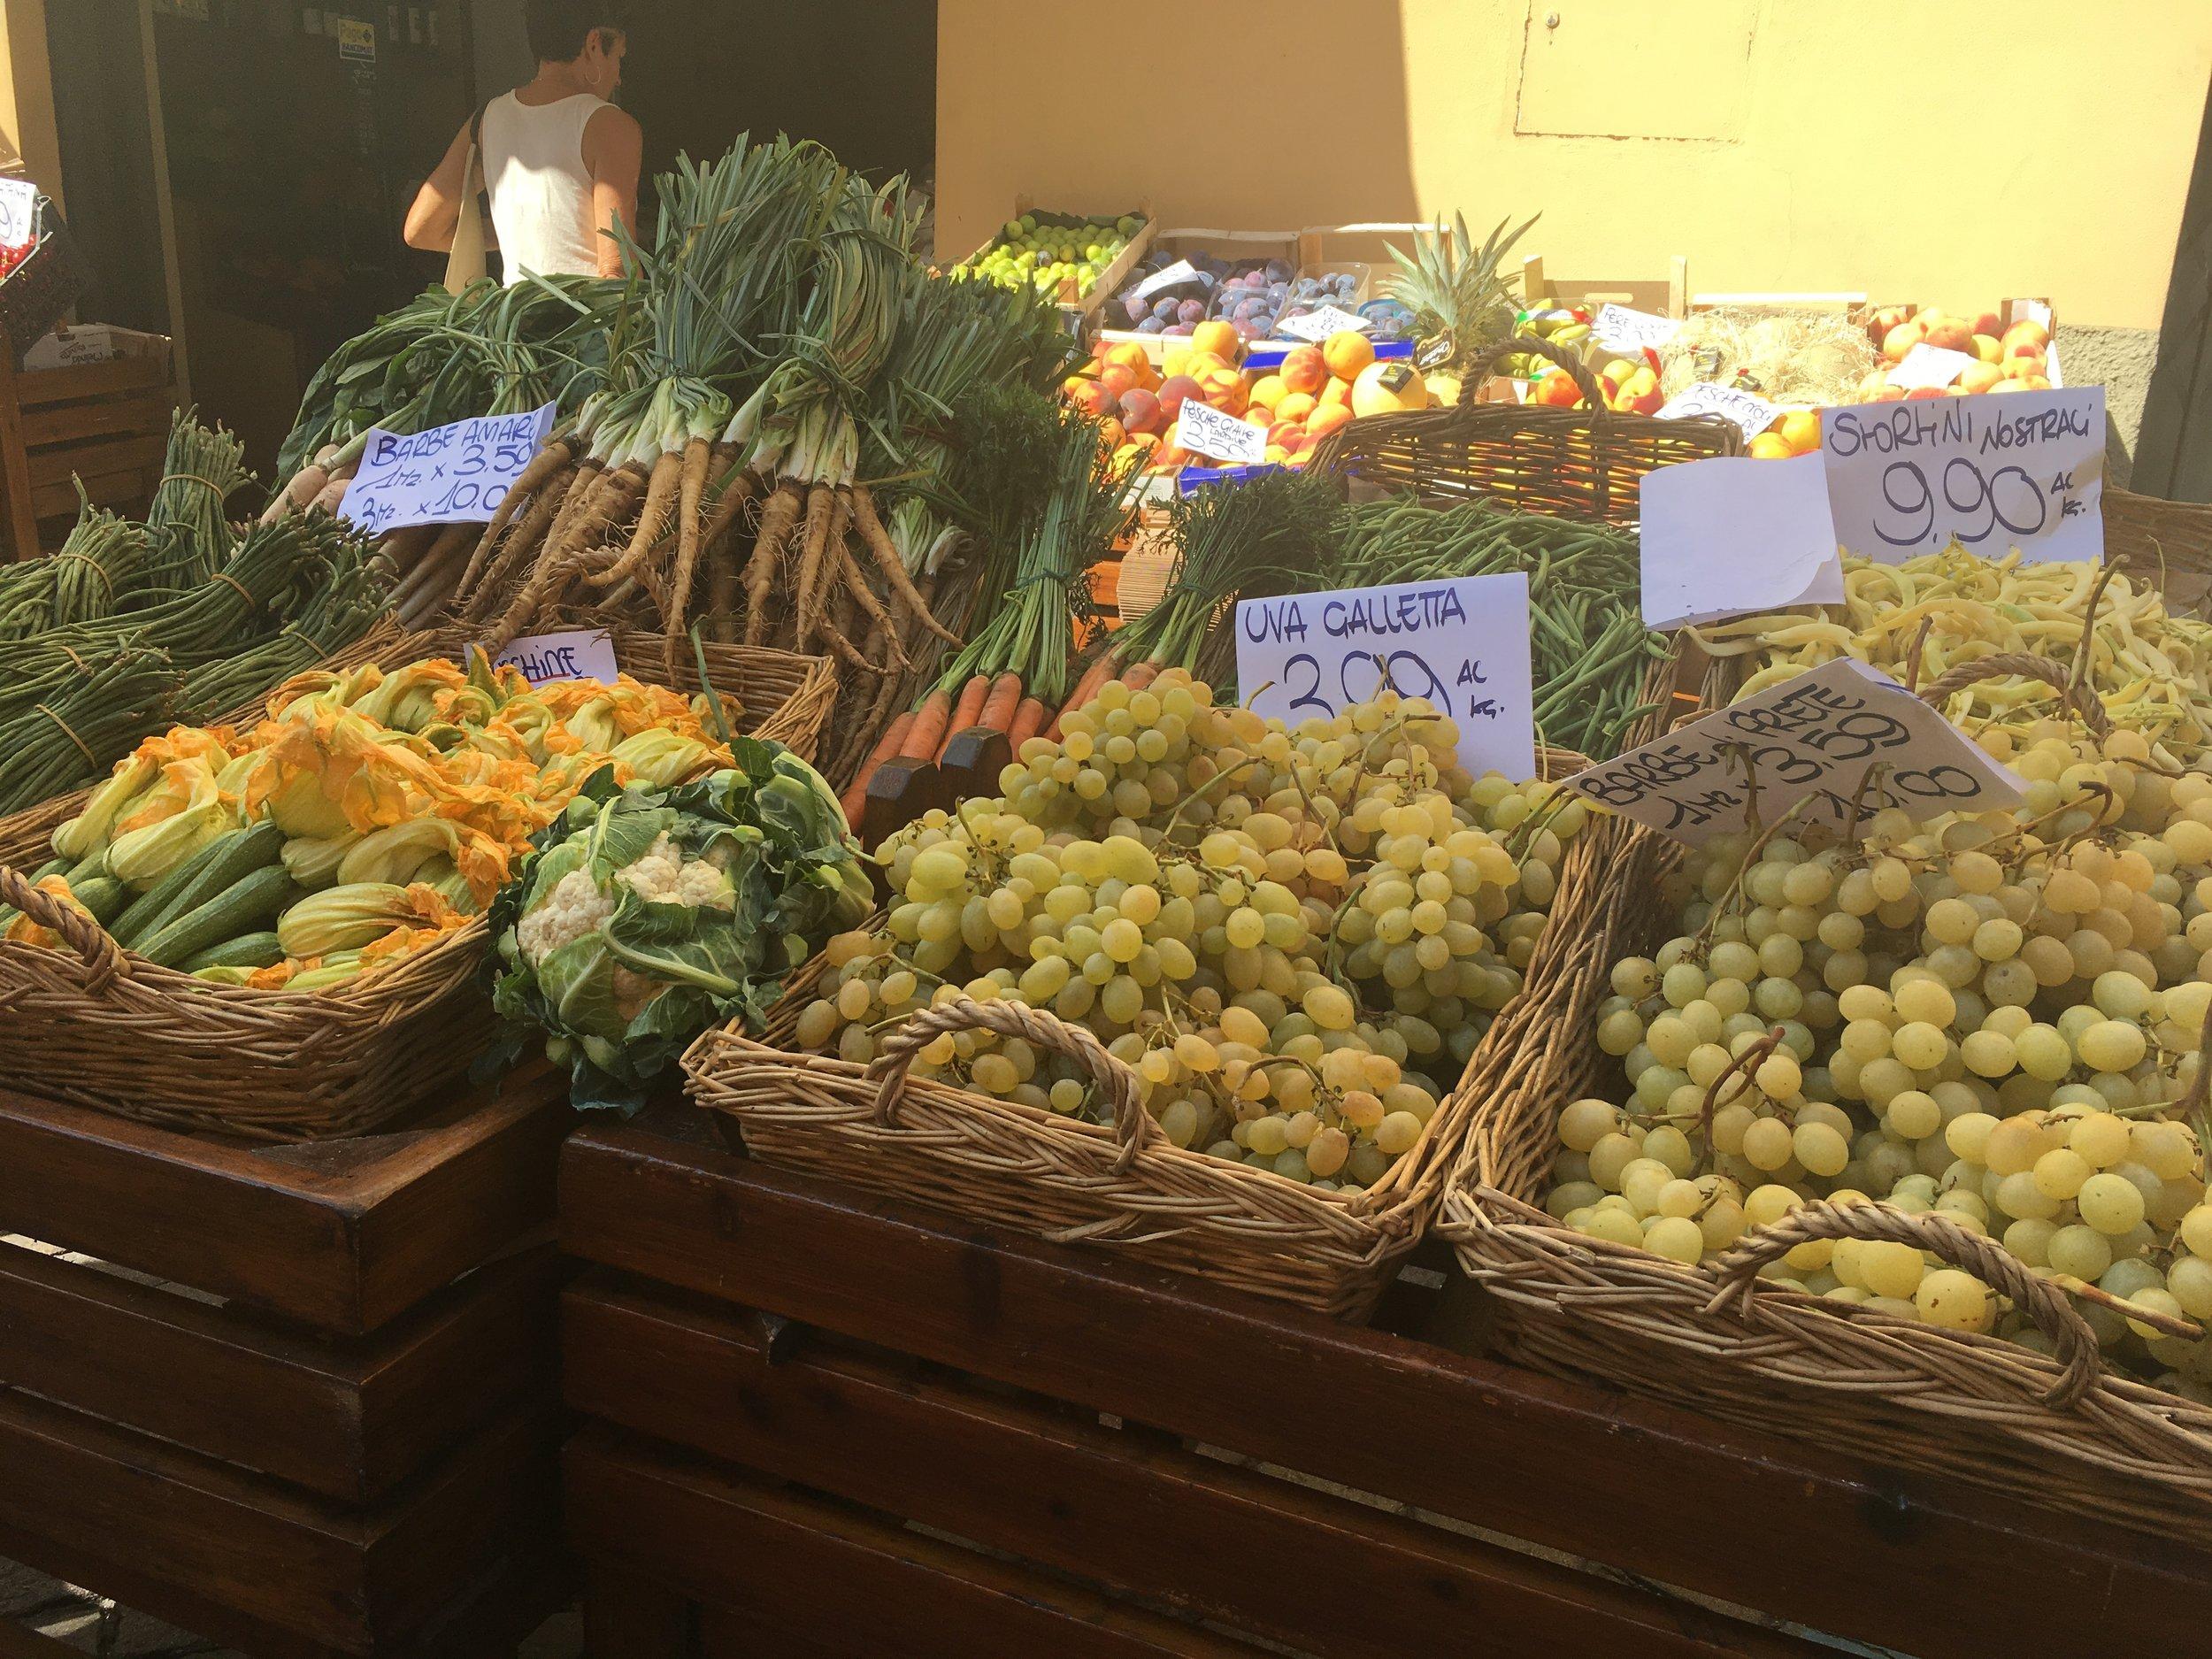 Fall harvest at the street fair